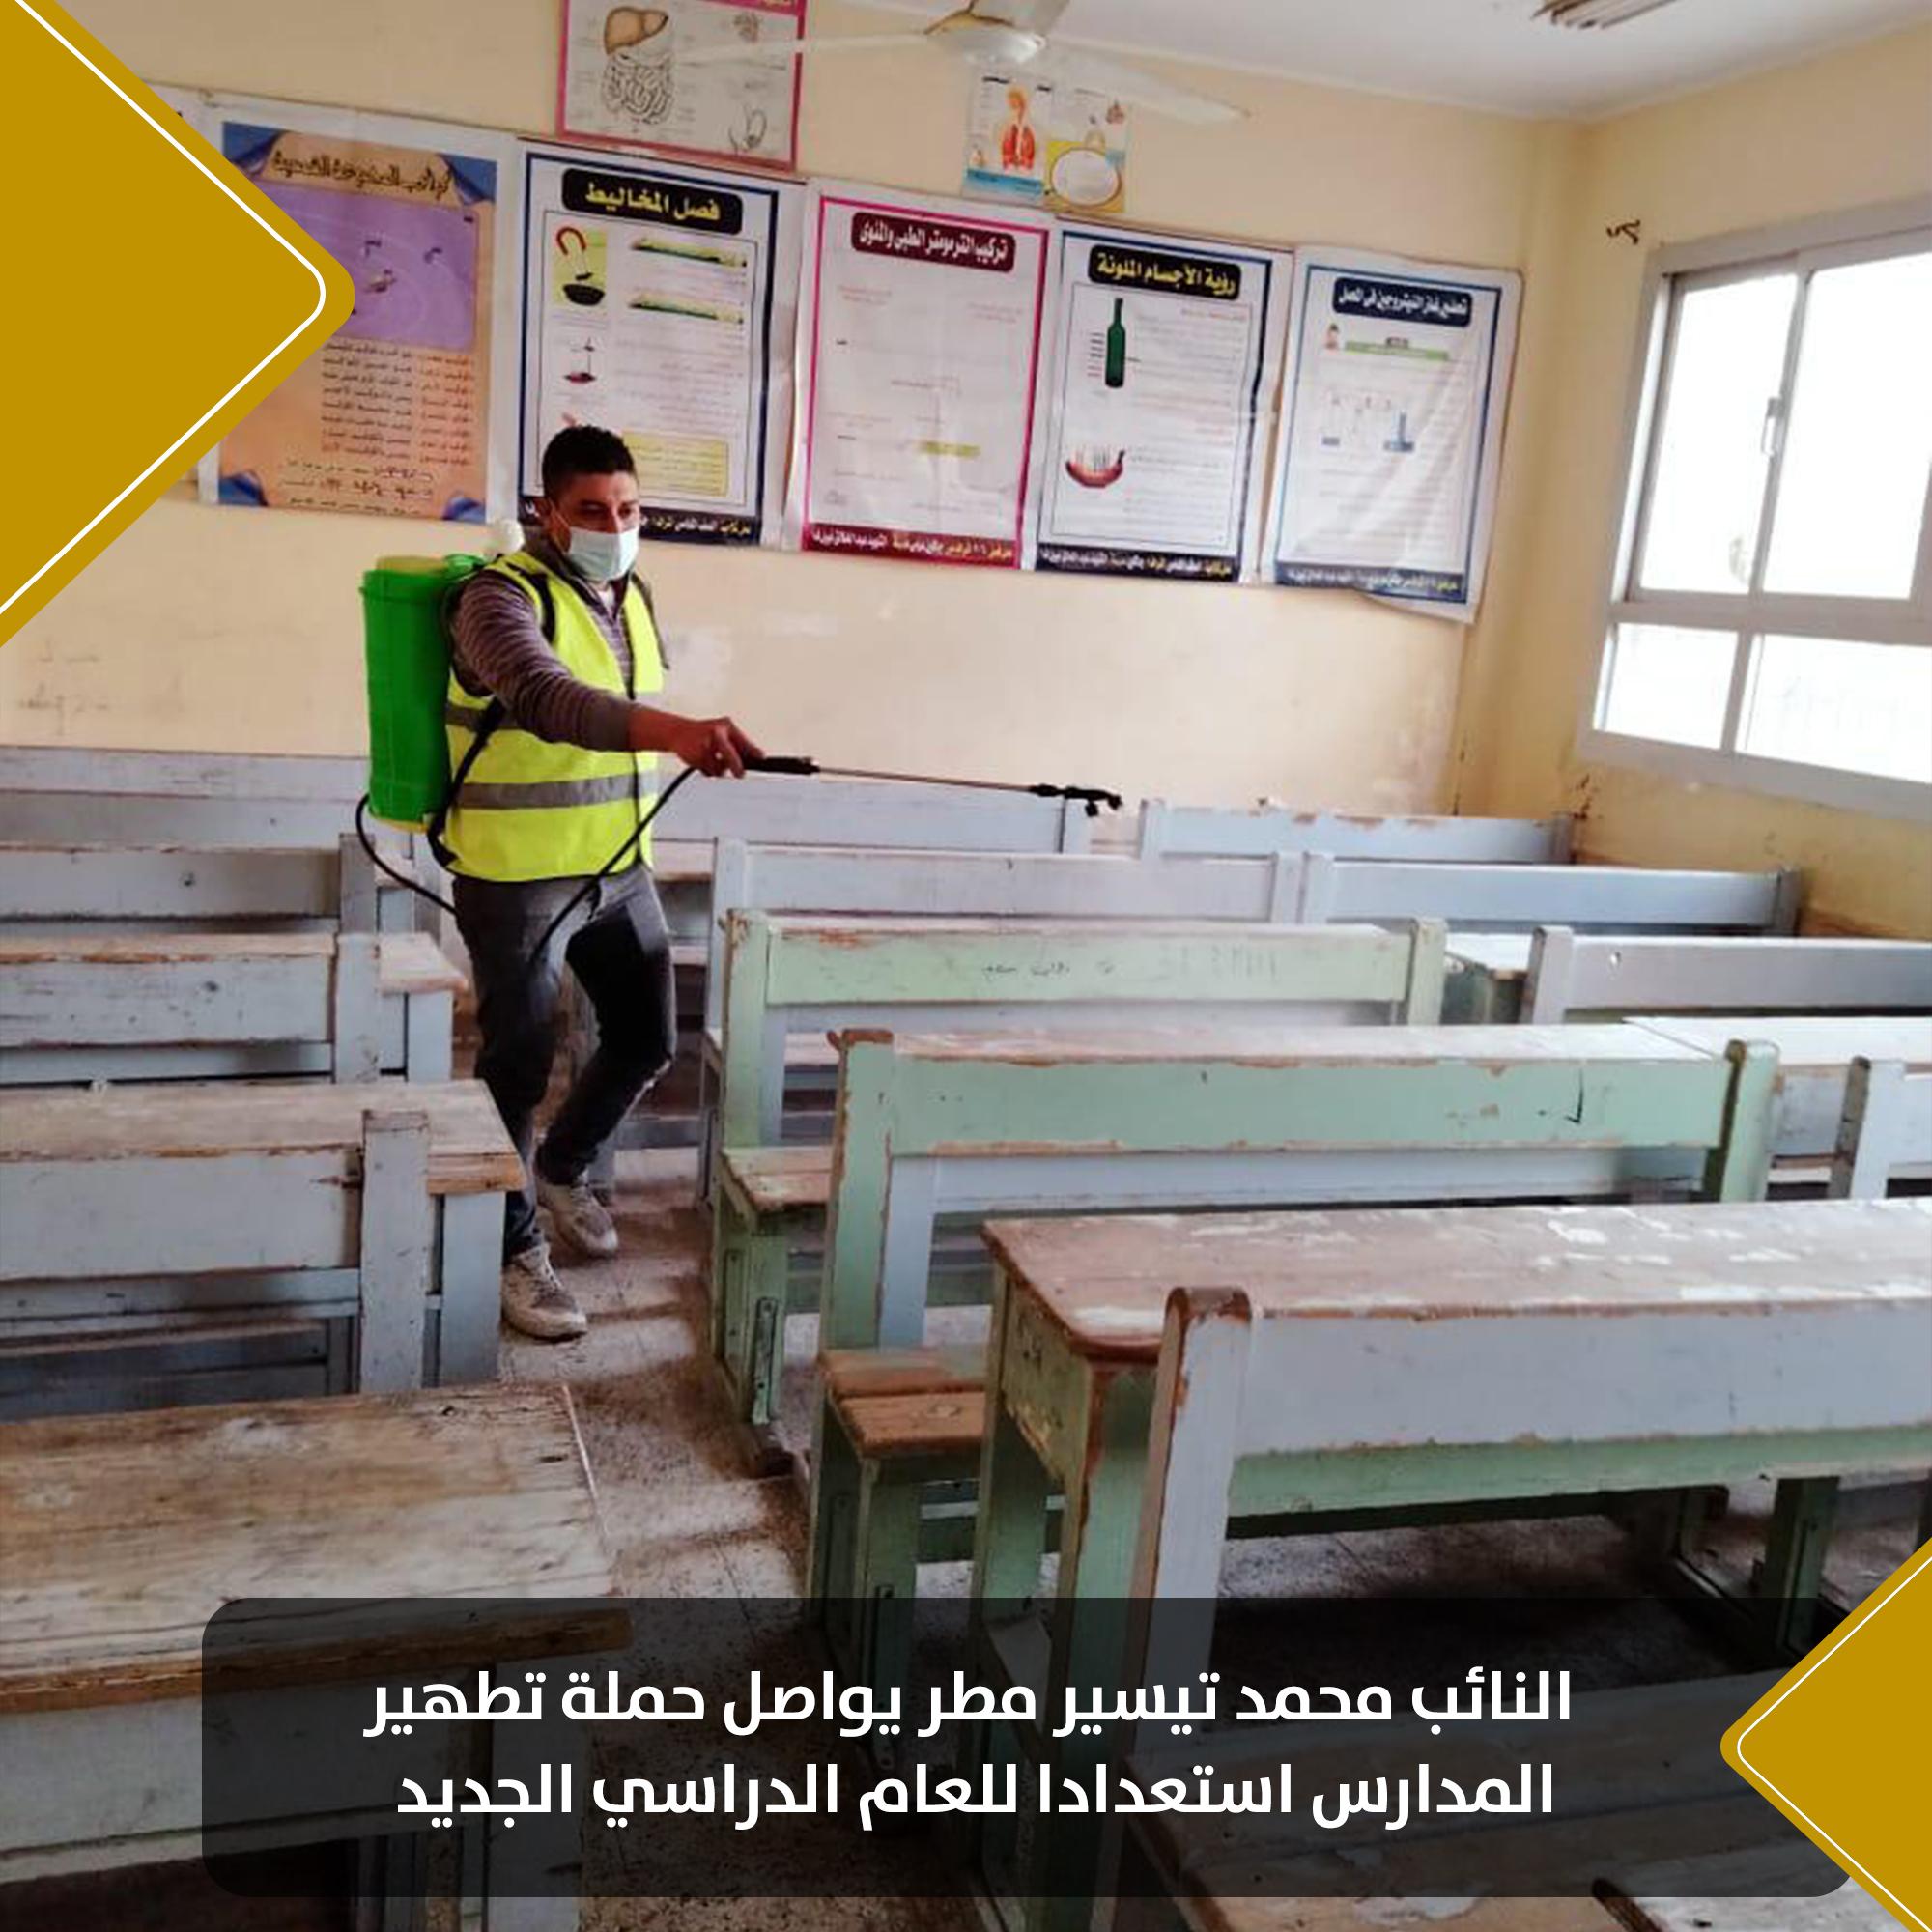 النائب محمد تيسير مطر يواصل حملة تطهير المدارسس (17)